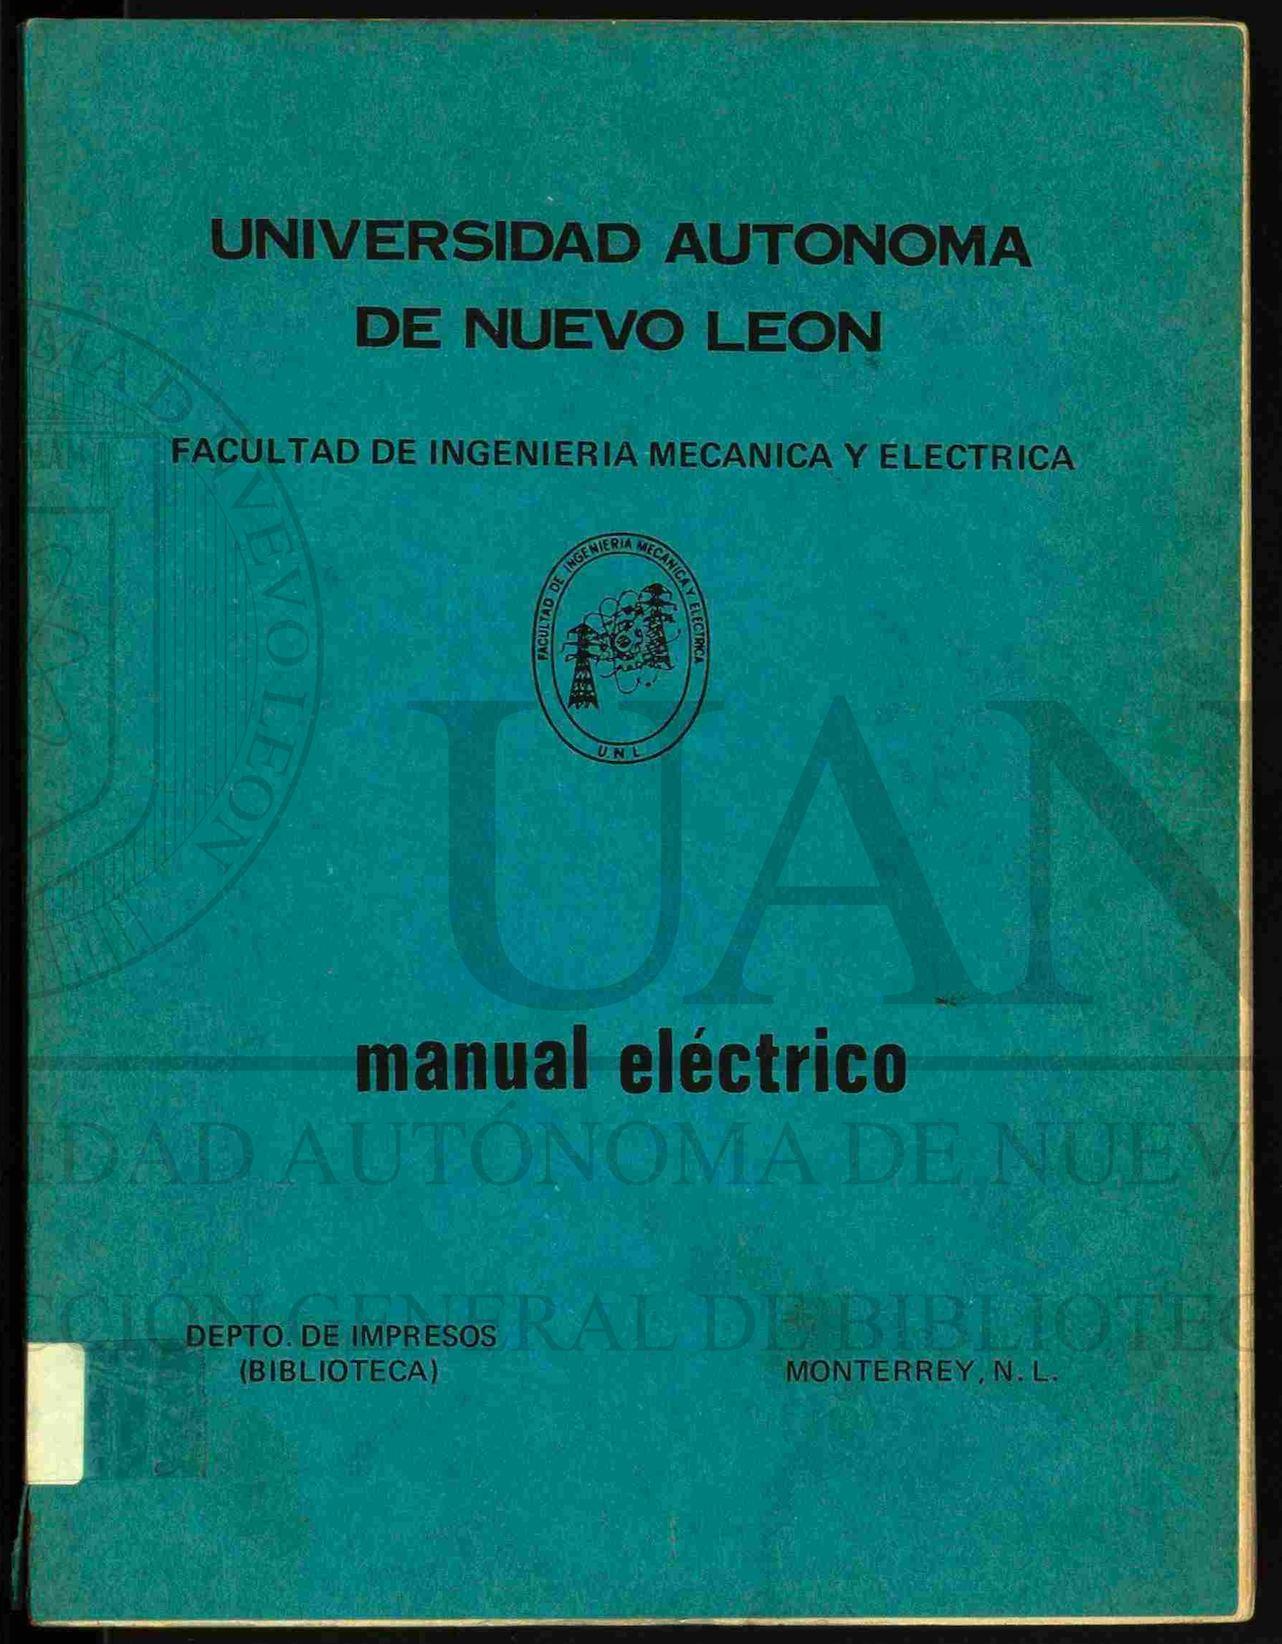 Calaméo - MANUAL ELECTRICO - Univ. Aut. de Nuevo Leon - VAF